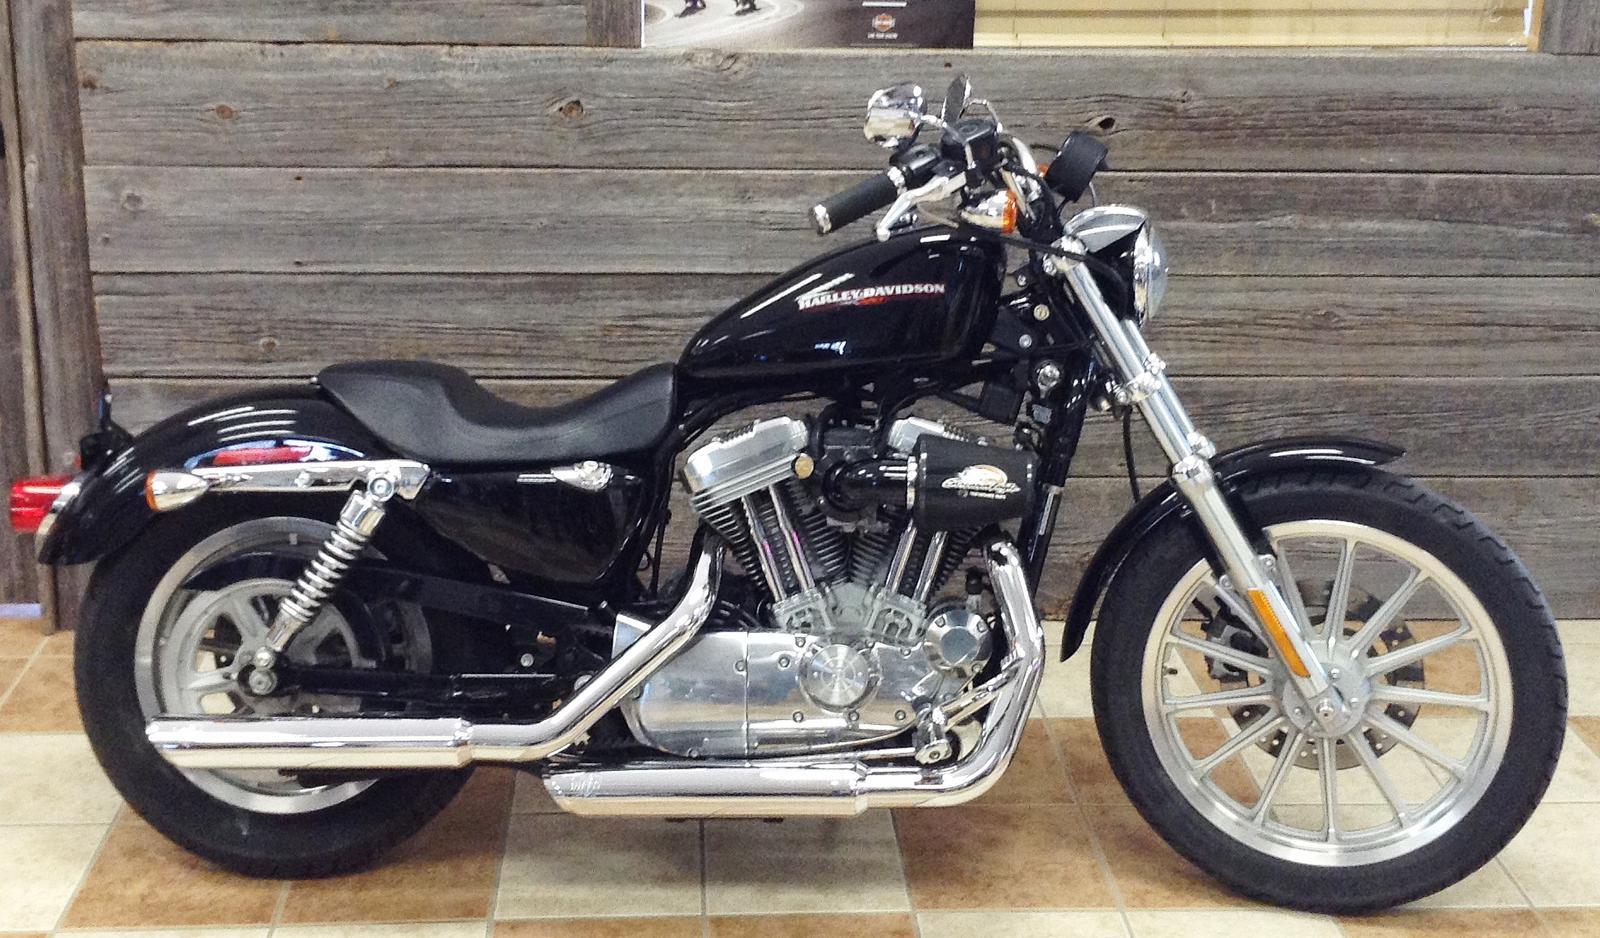 2005 Harley Davidson >> 2005 Harley Davidson Xl883l Superlow Color Option